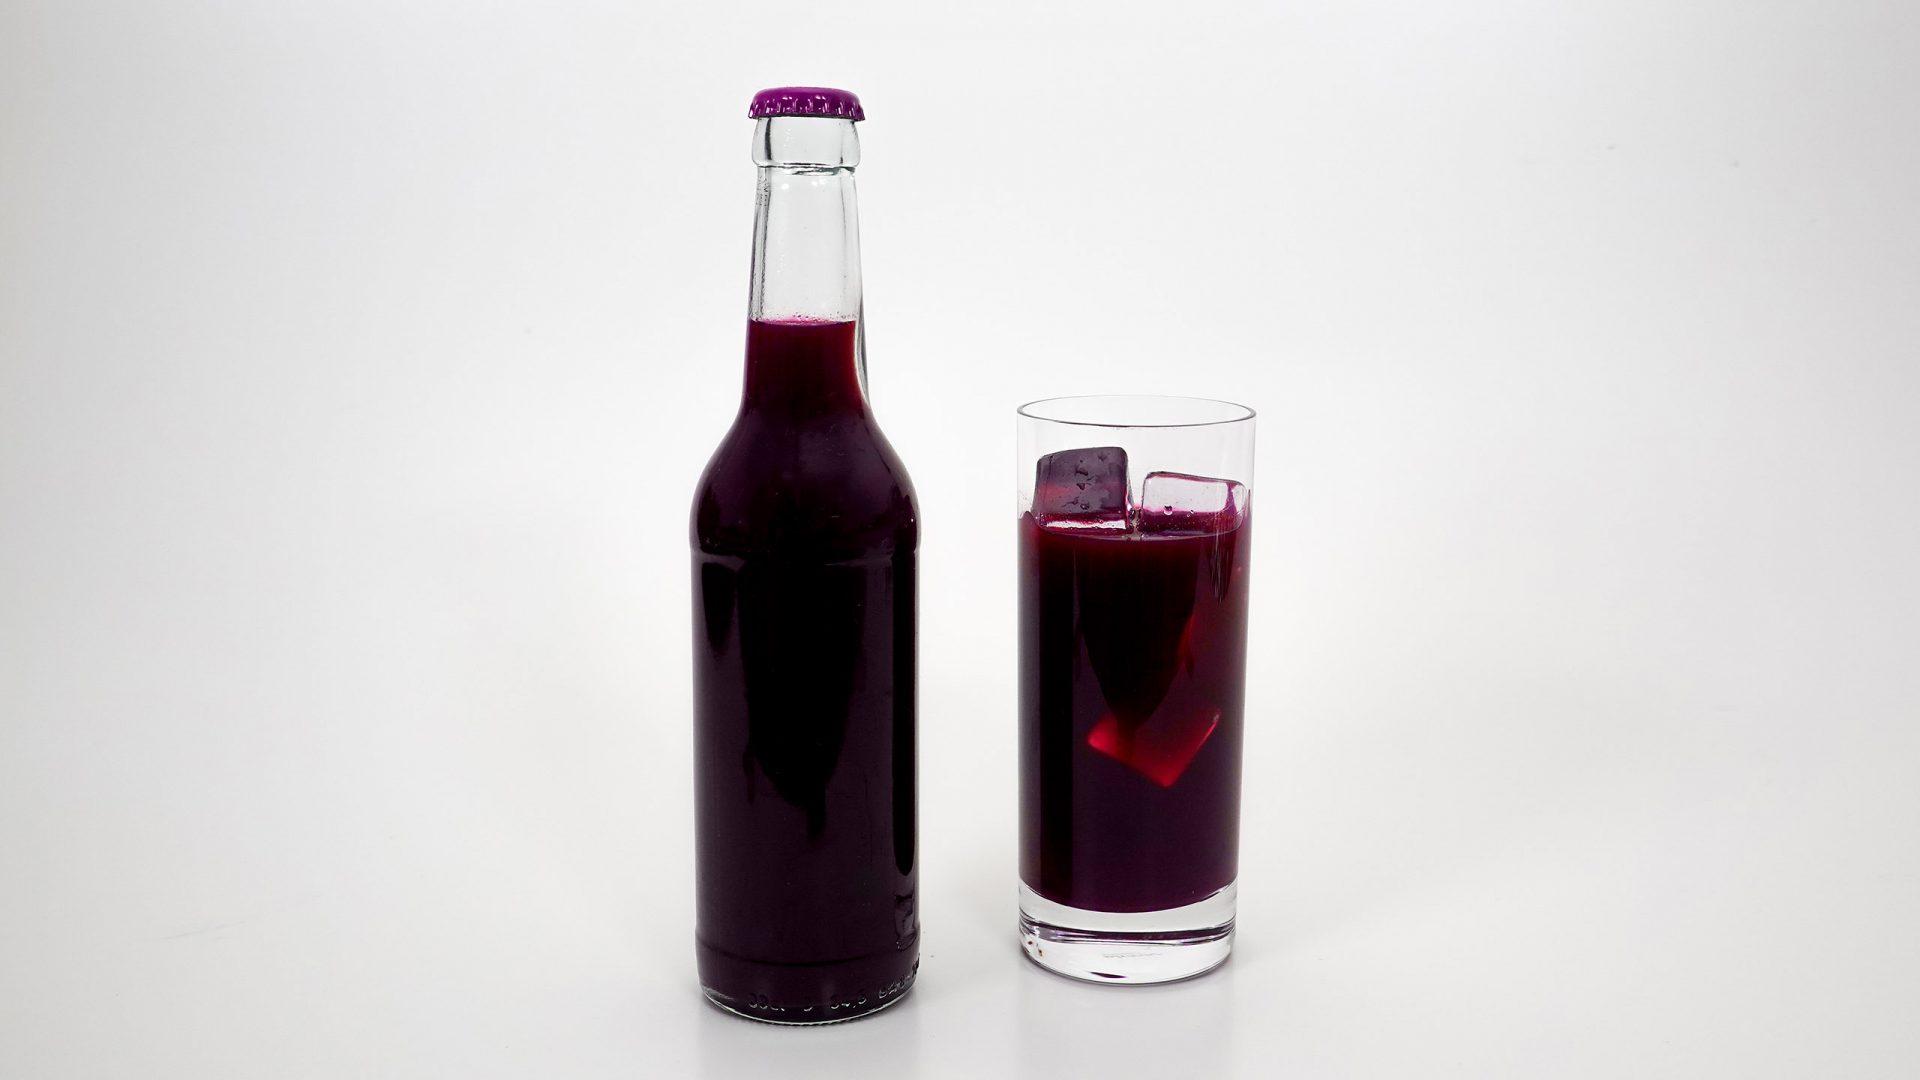 Kohla in Glasflasche und im Glas